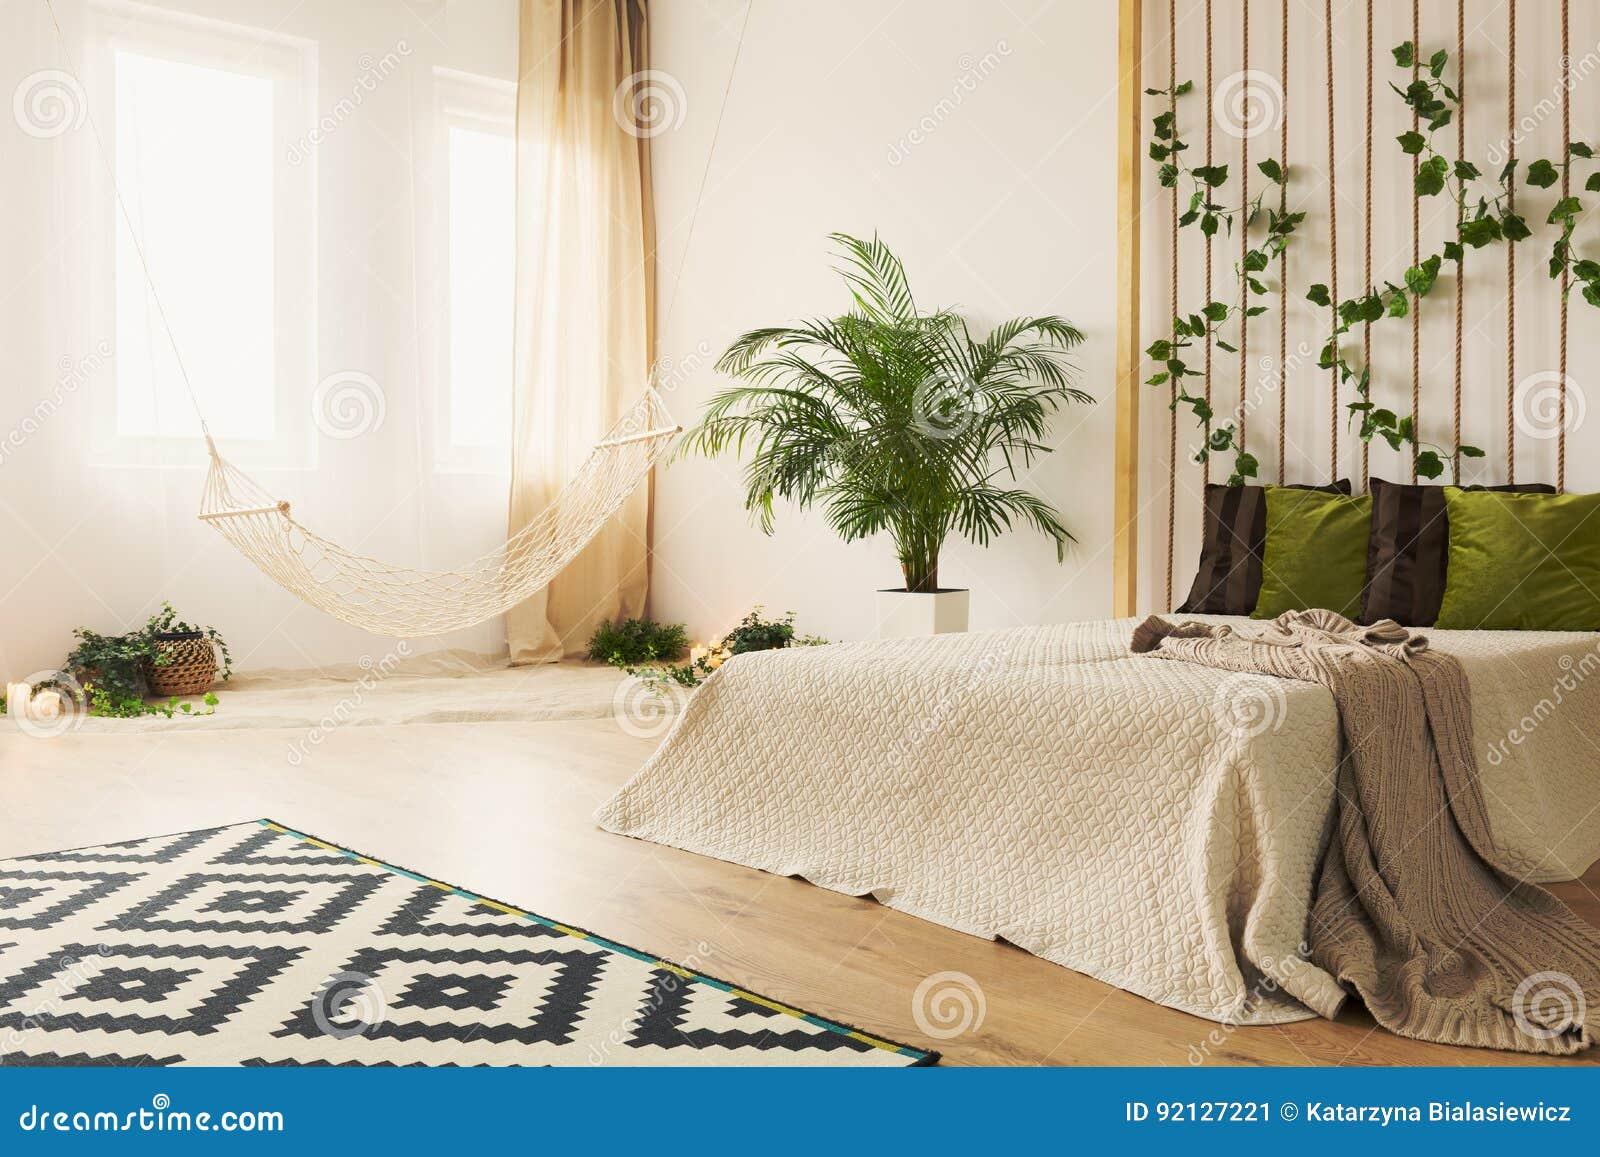 Pianta Camera Da Letto Matrimoniale : Camera da letto della sabbia con letto matrimoniale immagine stock